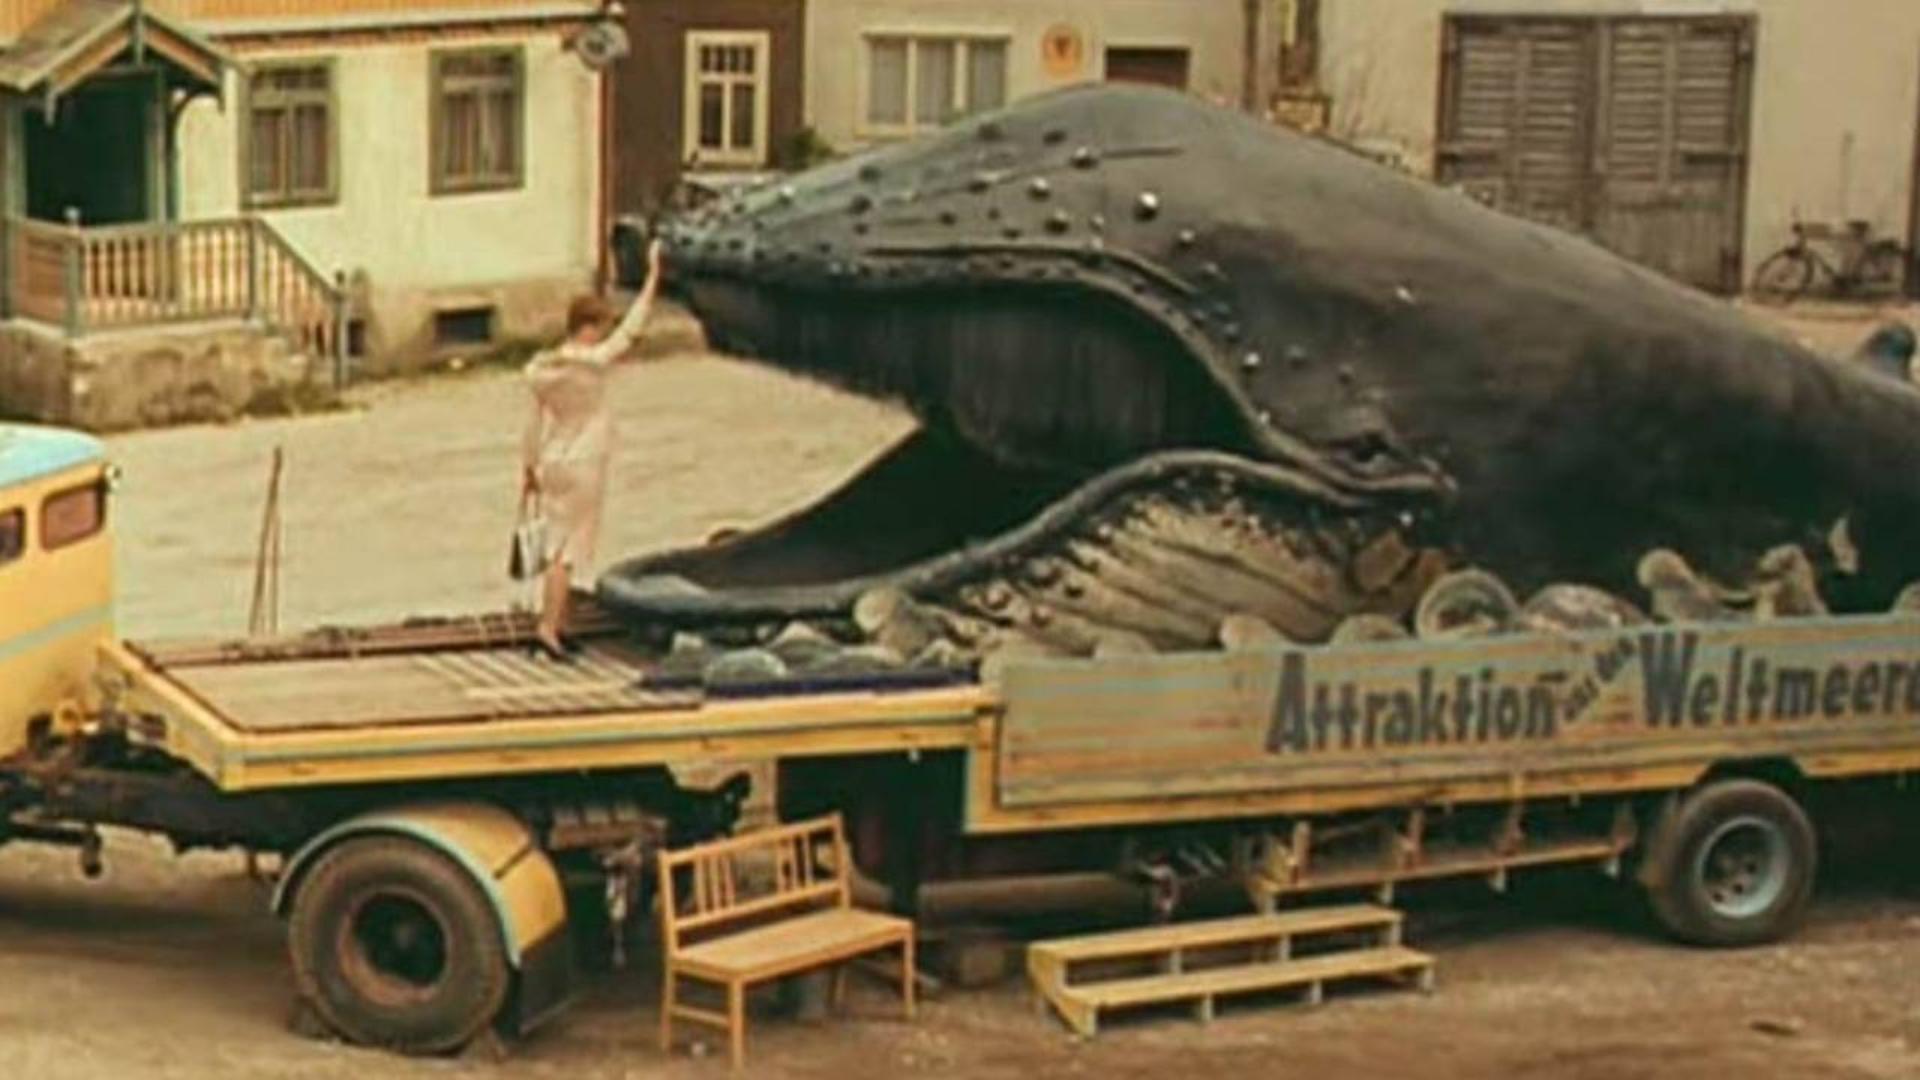 鲸鱼尸体竟有神秘能力?只要男人进入其中,都能实现个愿望